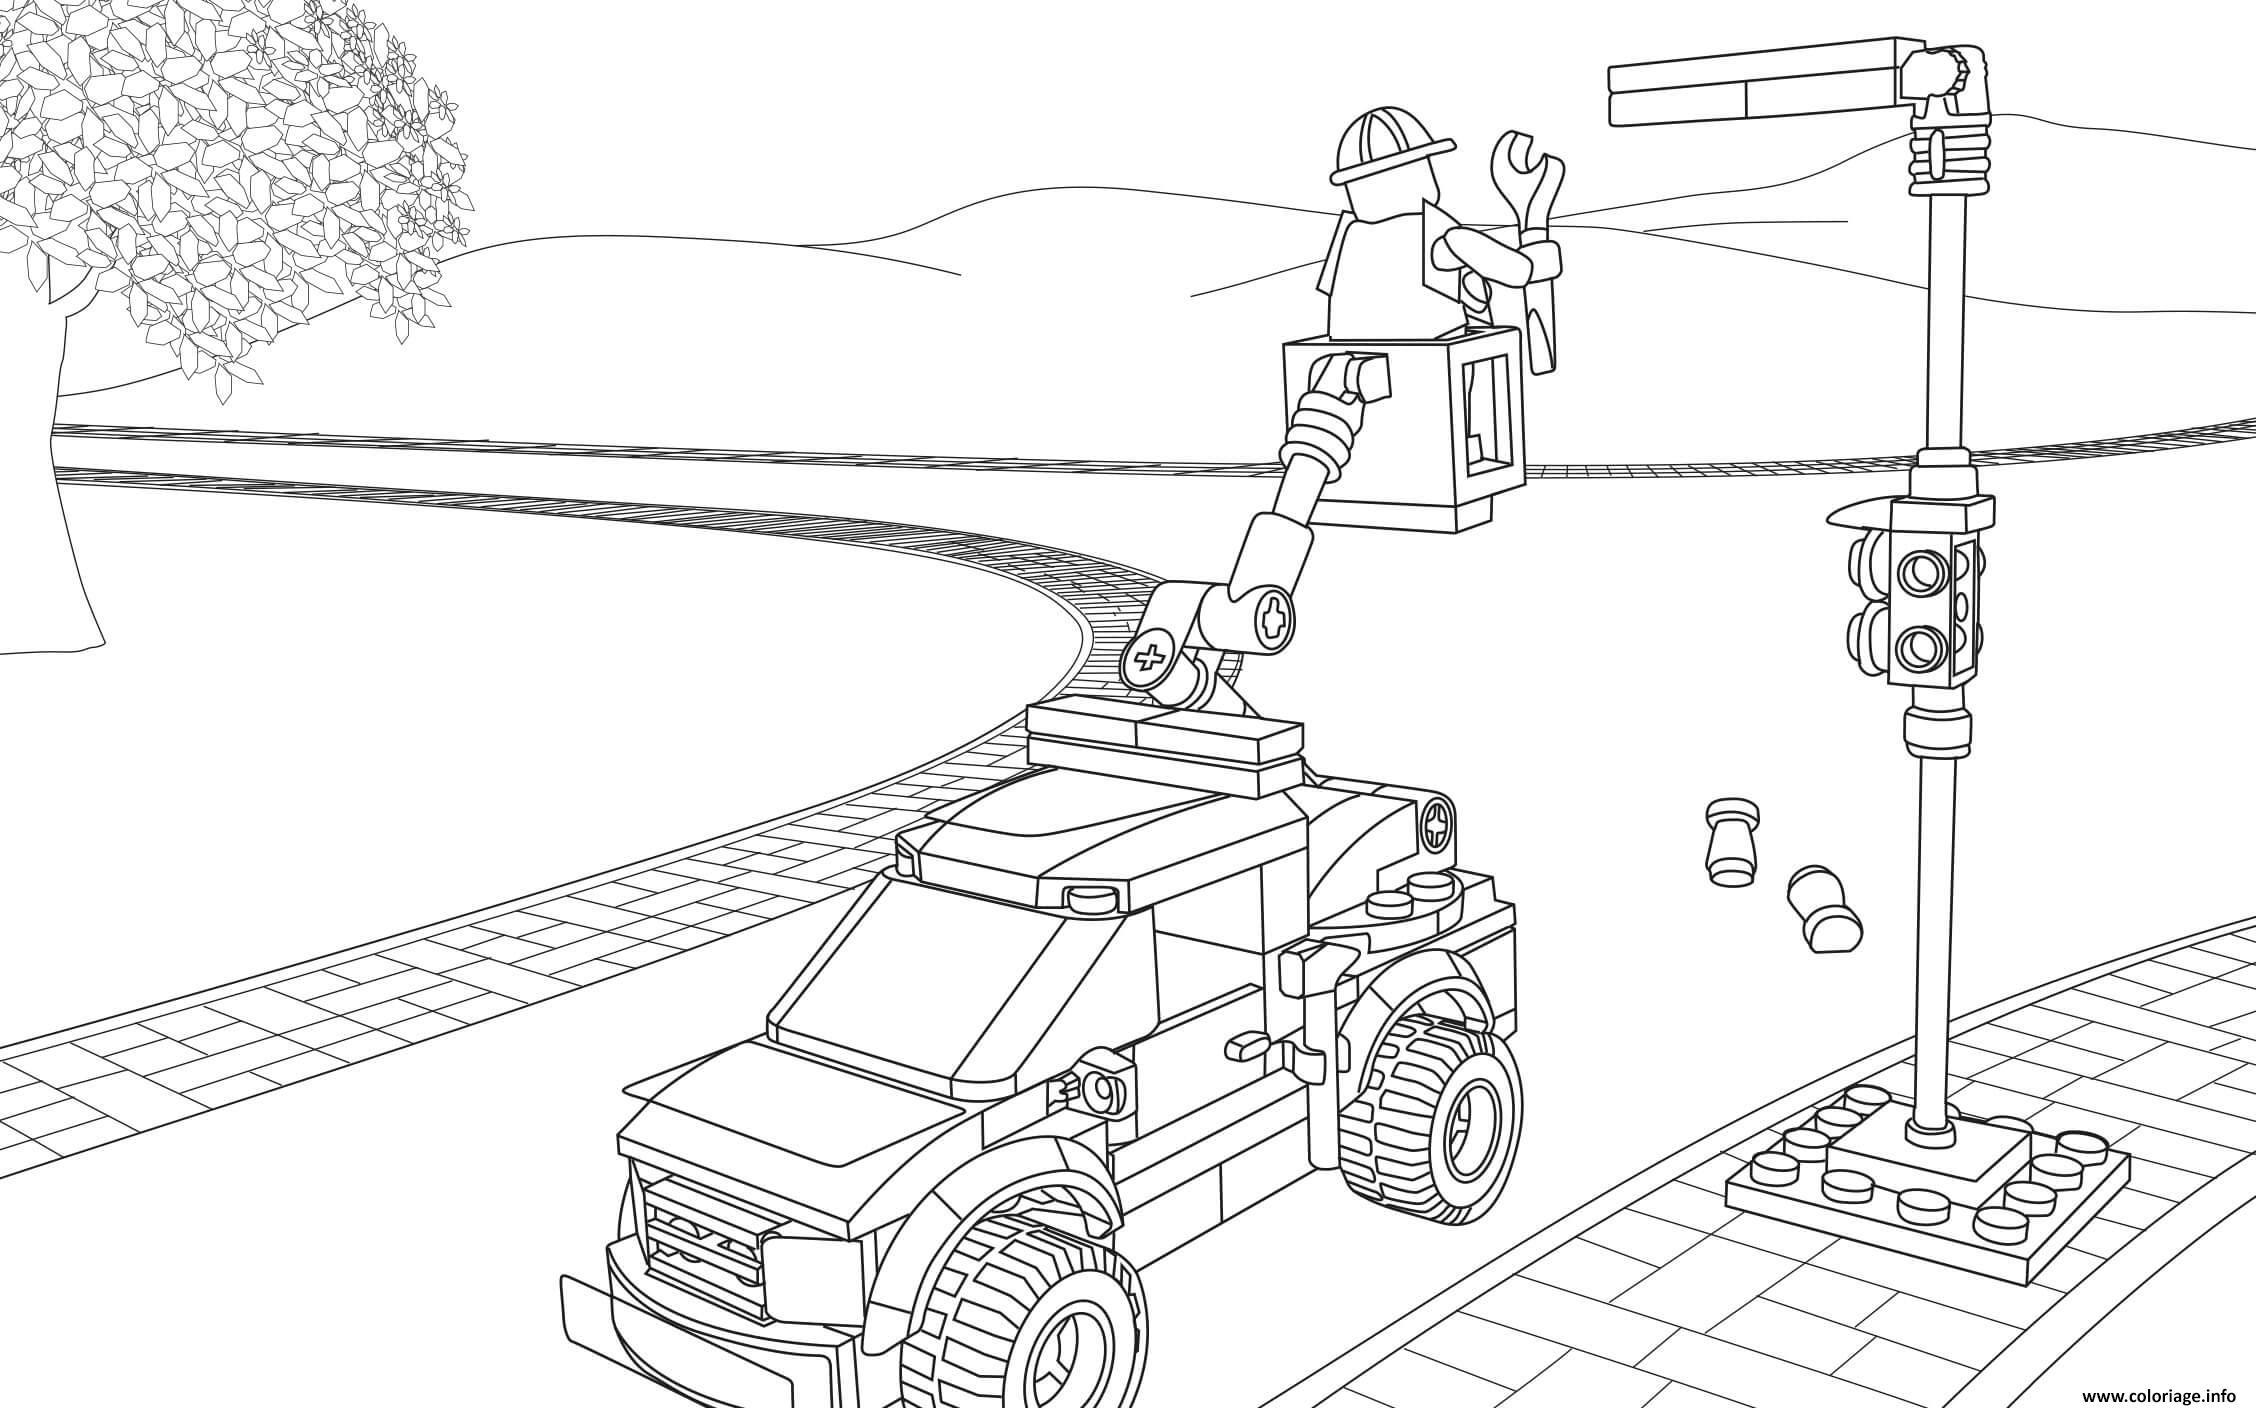 Dessin Lego City Light Repair Truck Coloriage Gratuit à Imprimer